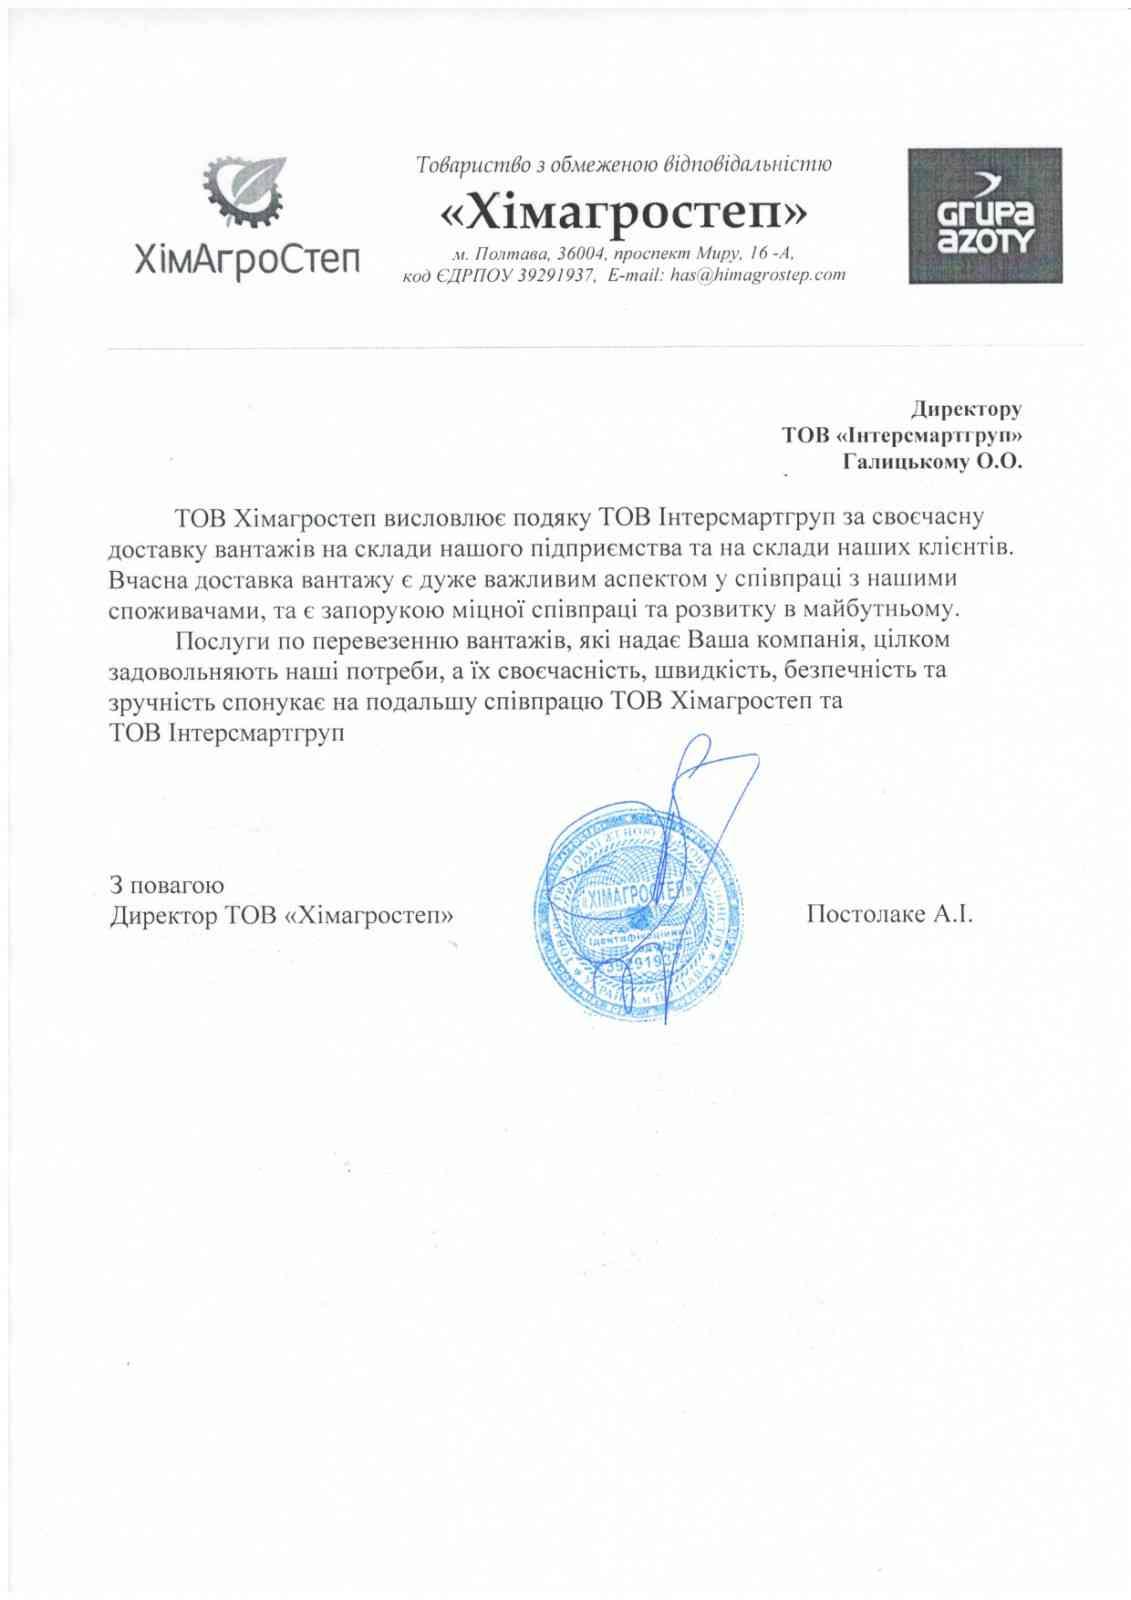 """Отзыв о грузоперевозке от """"Химагростеп"""""""